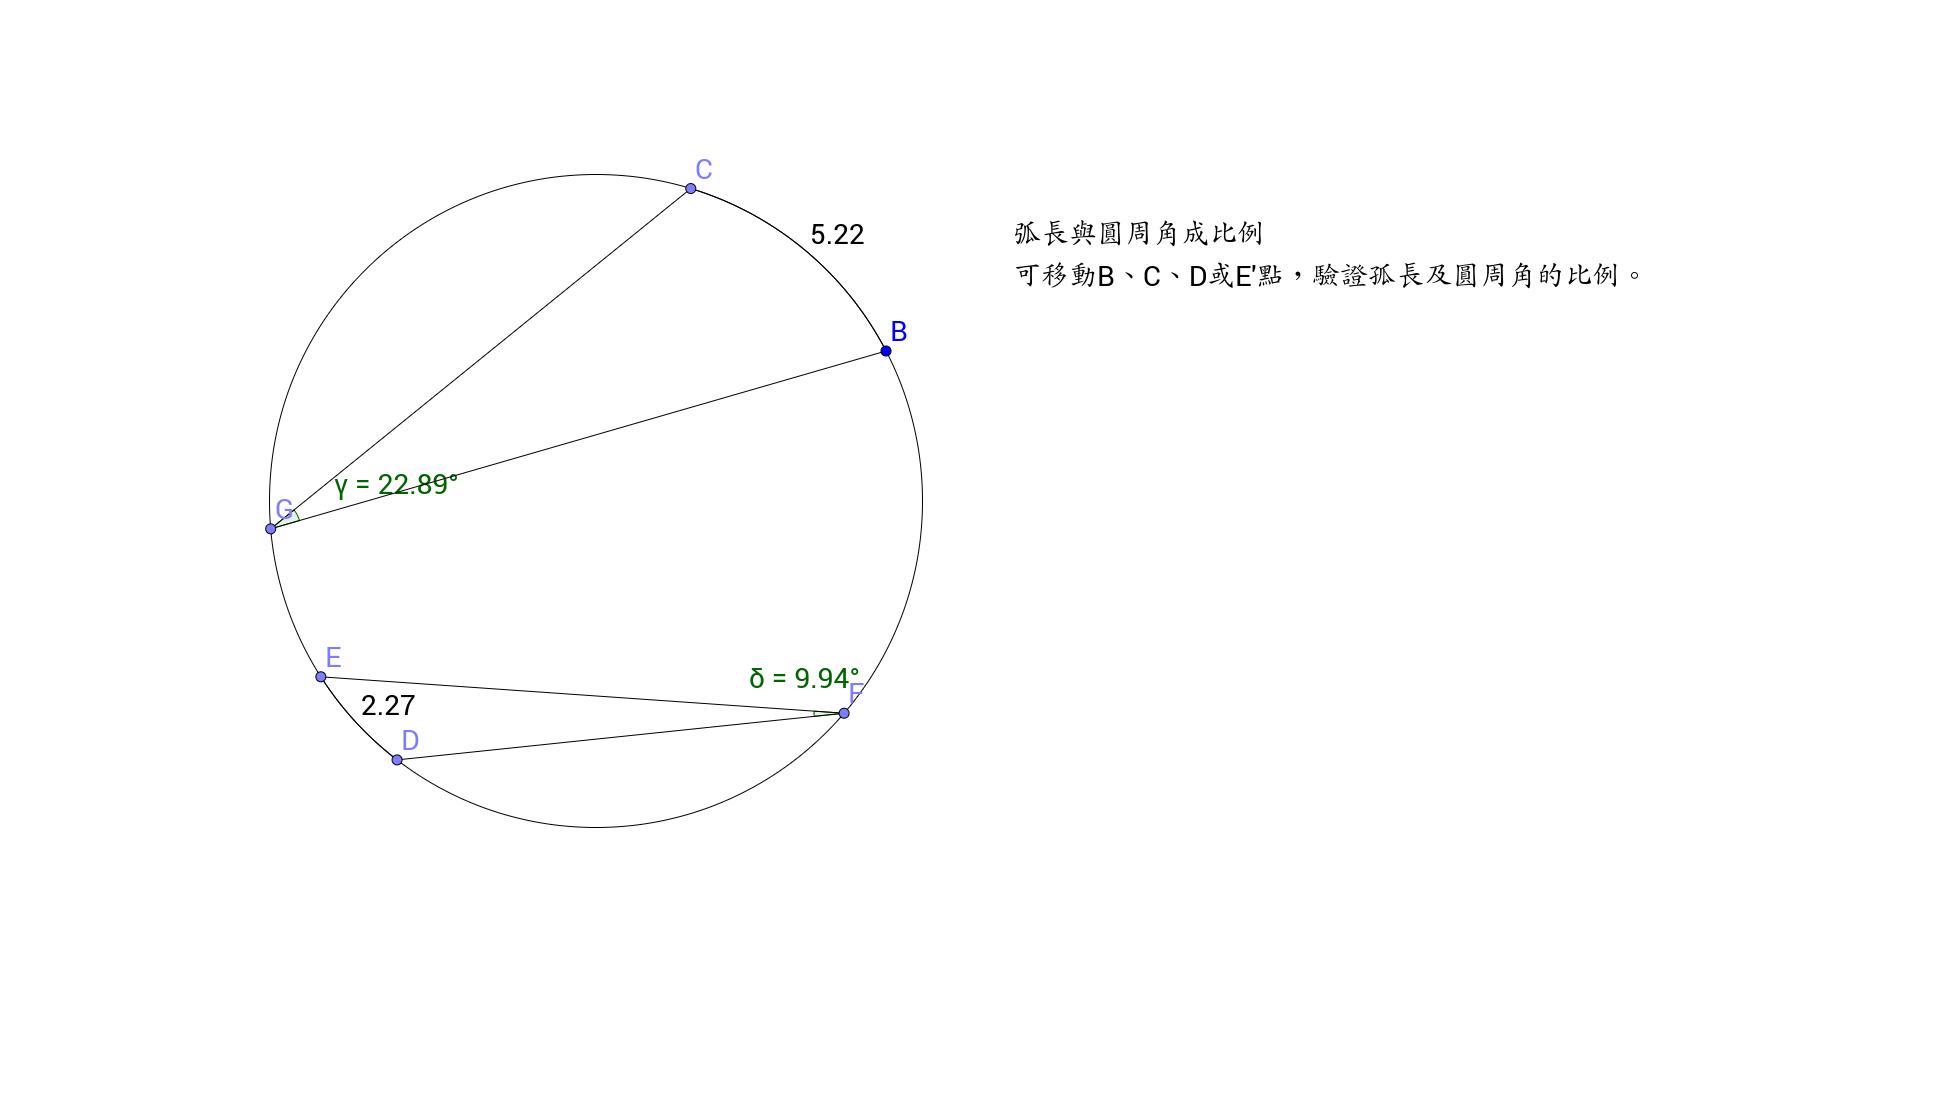 弧長與圓周角成比例